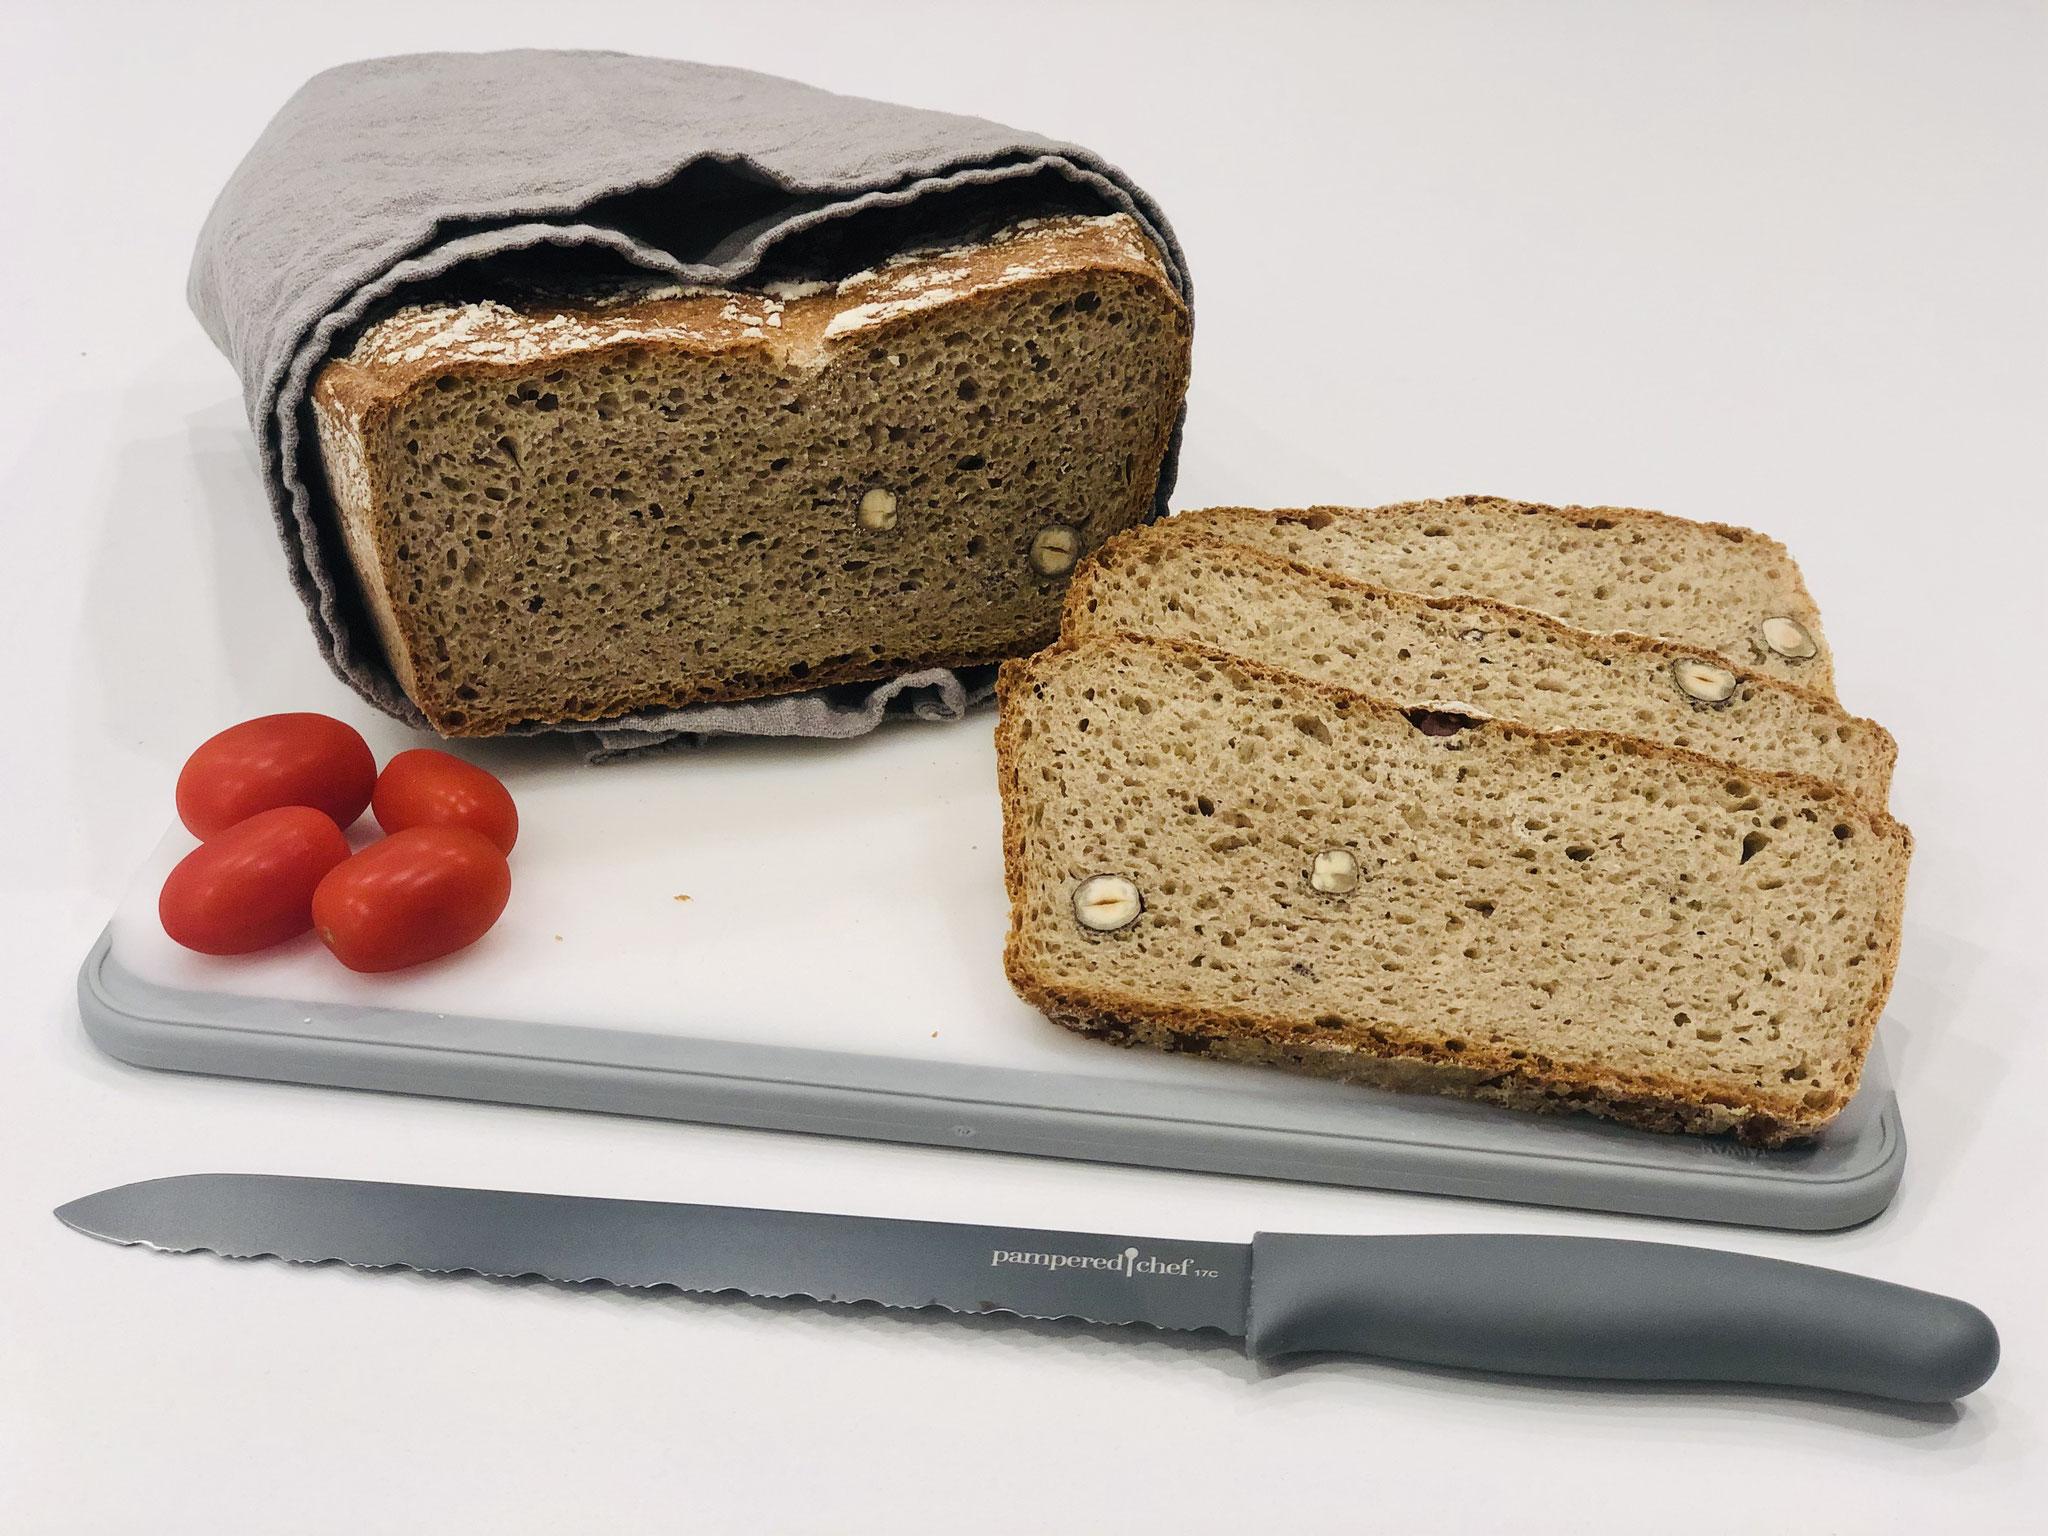 Nach dem abkühlen mit dem Brotmesser von Pampered Chef in Scheiben schneiden und einfach nur noch das Brot genießen ♥